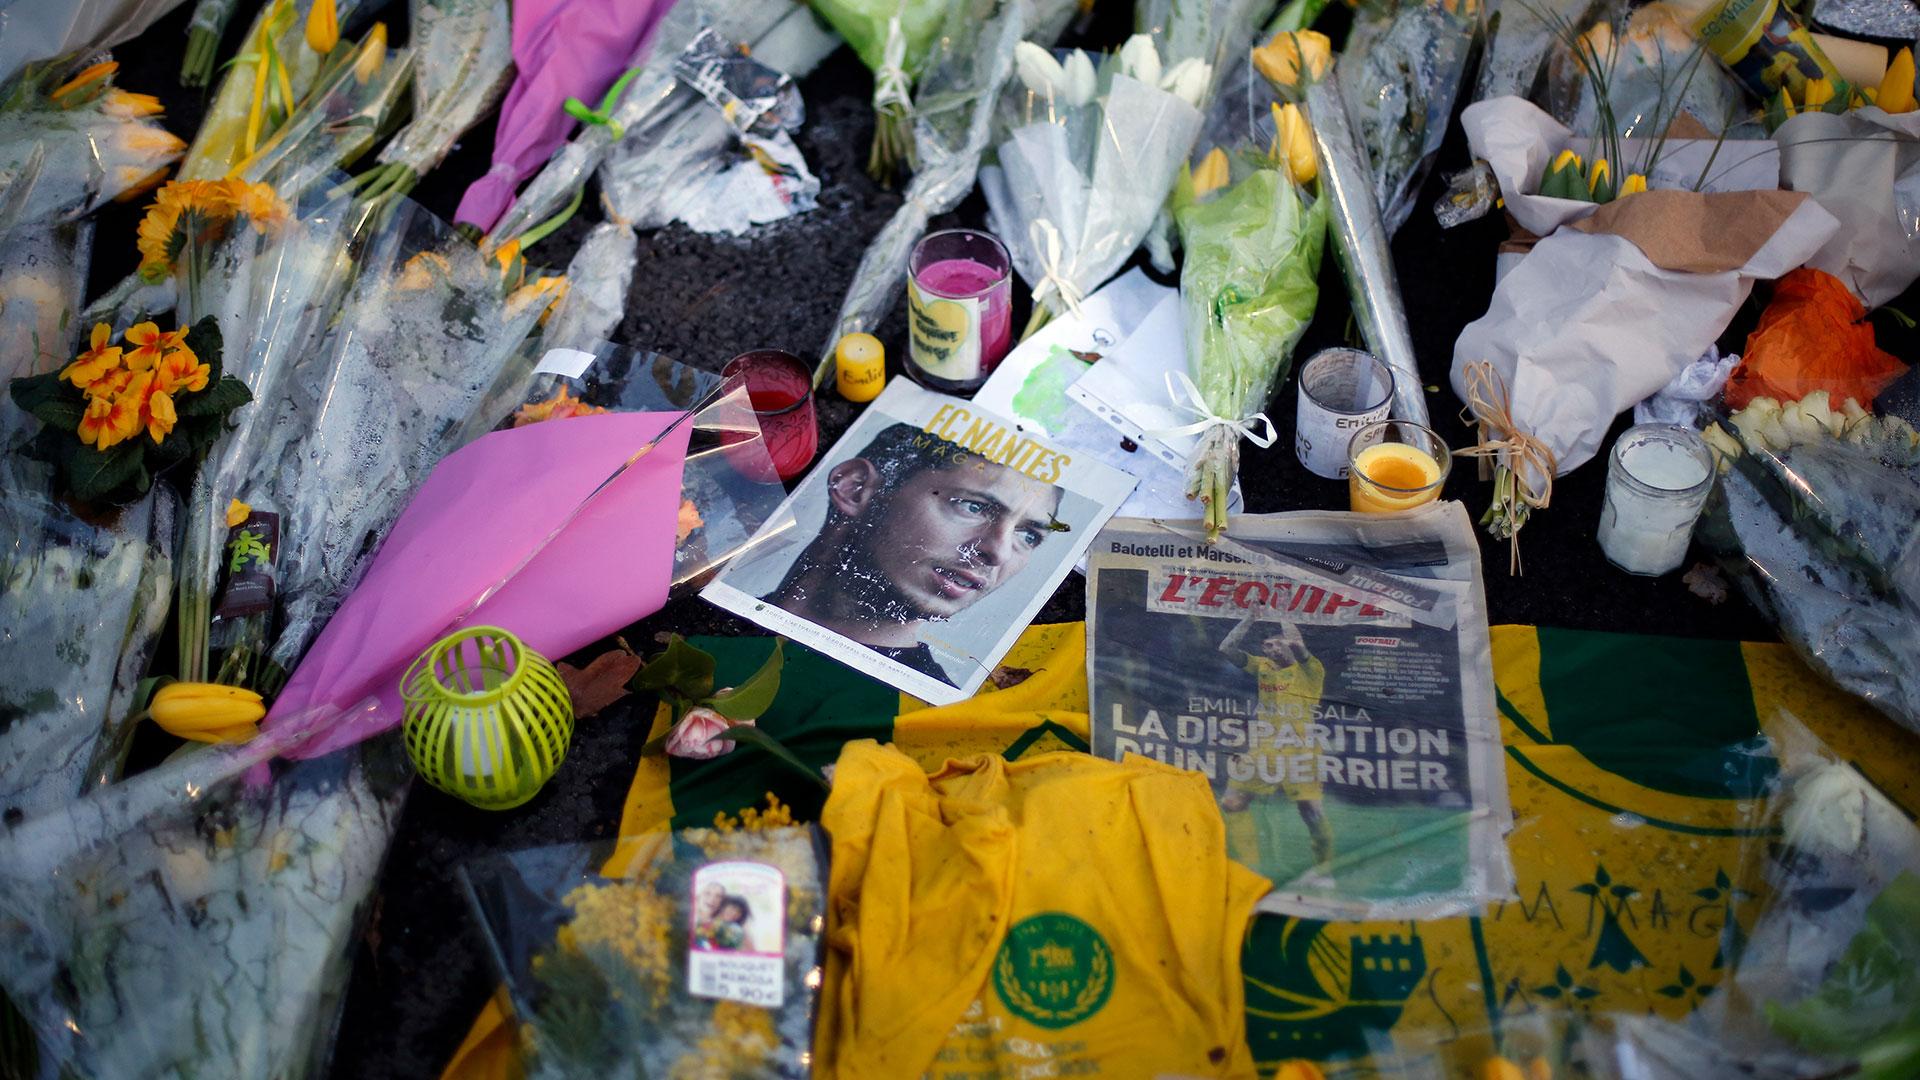 Los fans acercaro flores y camisetas con su nombre